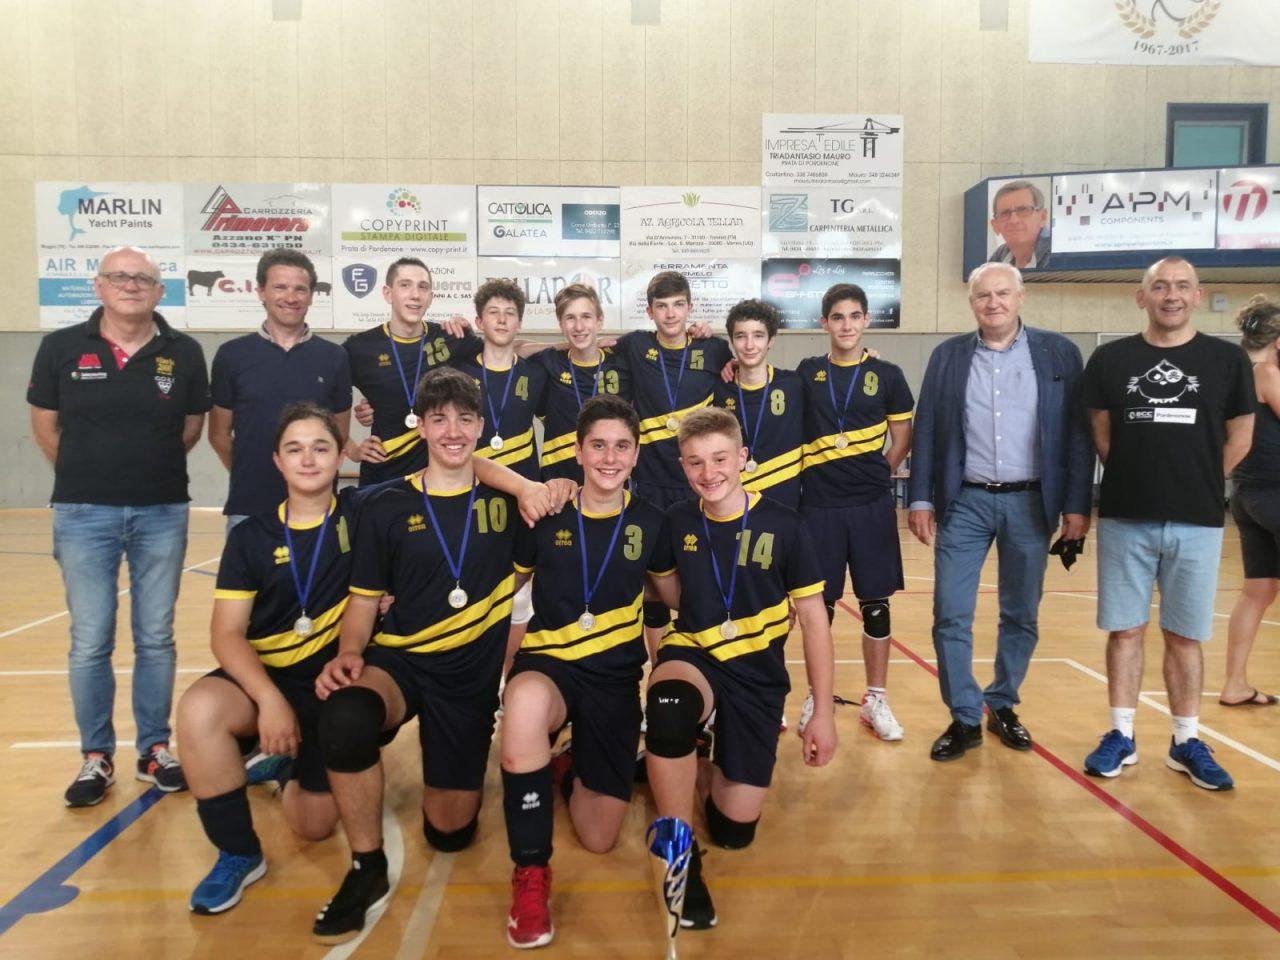 U15-Viteria-2000-Prata-Campione-regionale-1280x960.jpeg